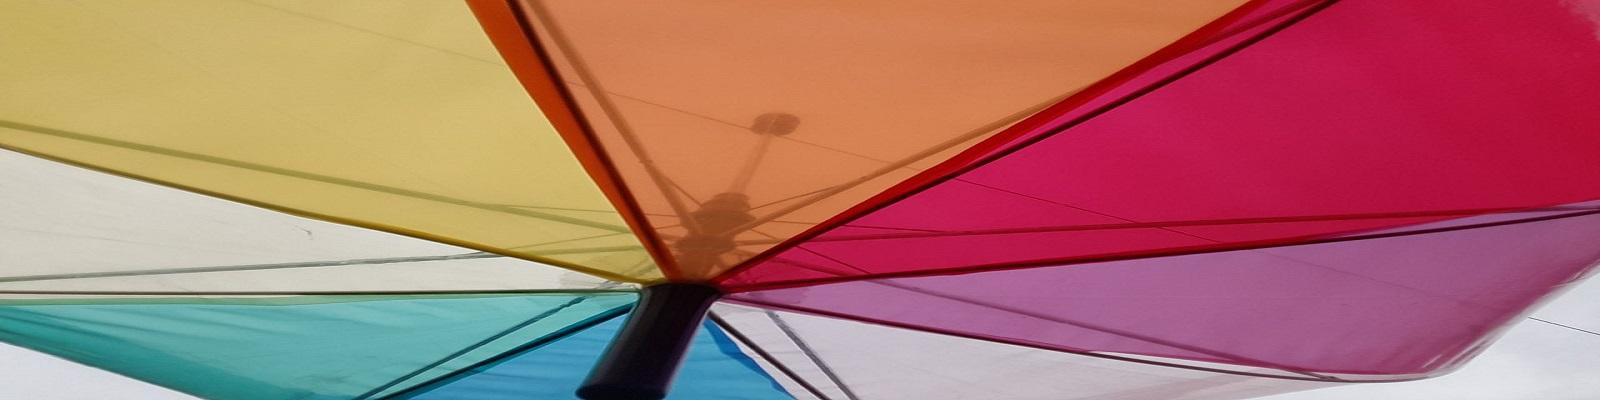 paraplue